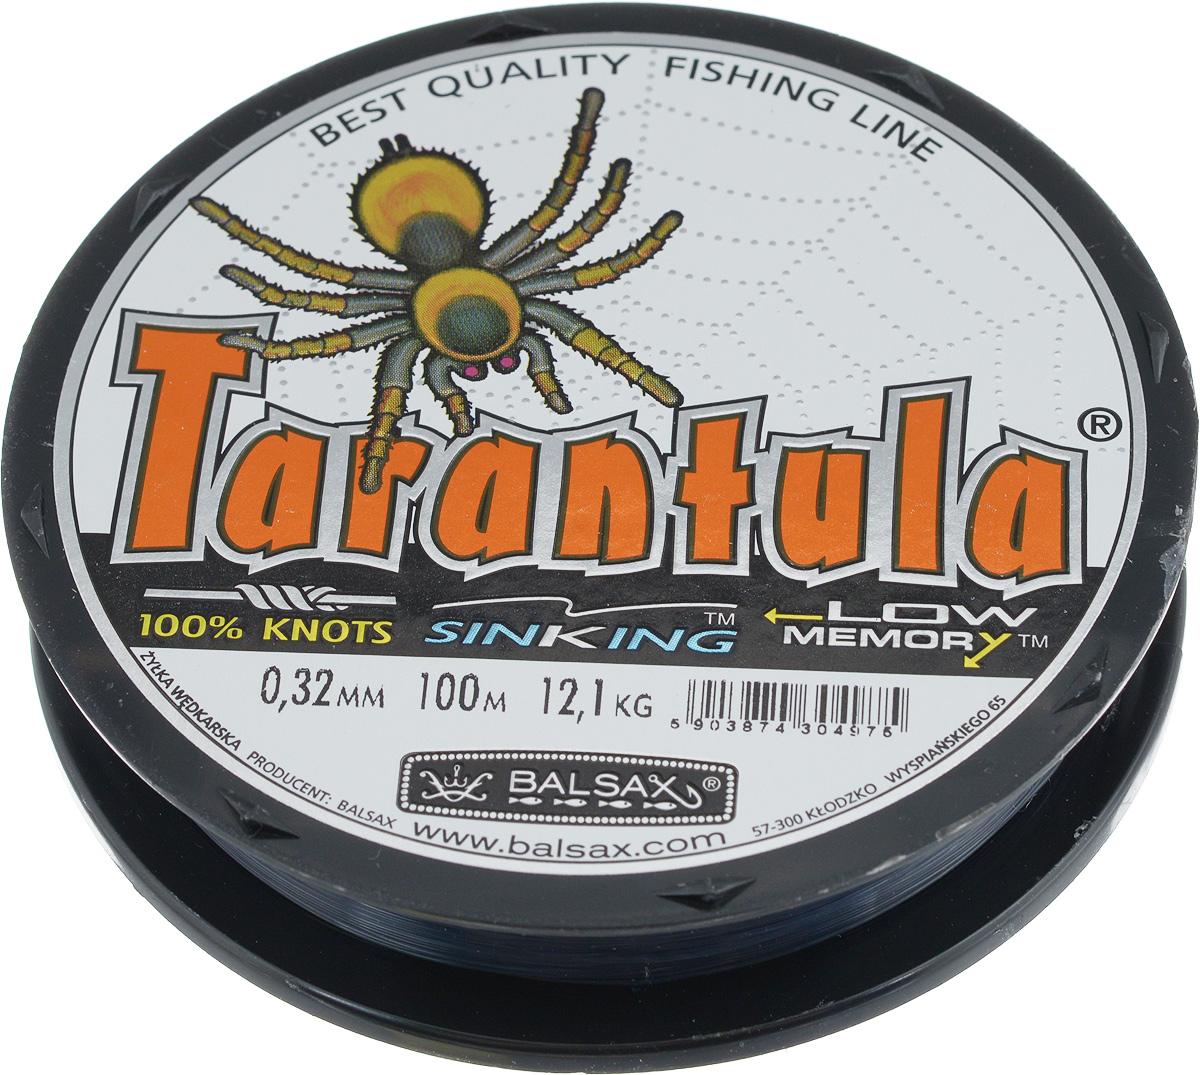 Леска Balsax Tarantula, 100 м, 0,32 мм, 12,1 кг314-07032Леска Balsax Tarantula выполнена из нейлоновой рибозы с покрытием из тефлона. Новая молекулярная структура лески отличается повышенной сопротивляемостью к разрыву, но при этом она способна и растягиваться. Растяжимость в случае применения этой лески является отличным достоинством, особенно во время энергичной борьбы с рыбой, как амортизатор защищая оснастку от обрыва.